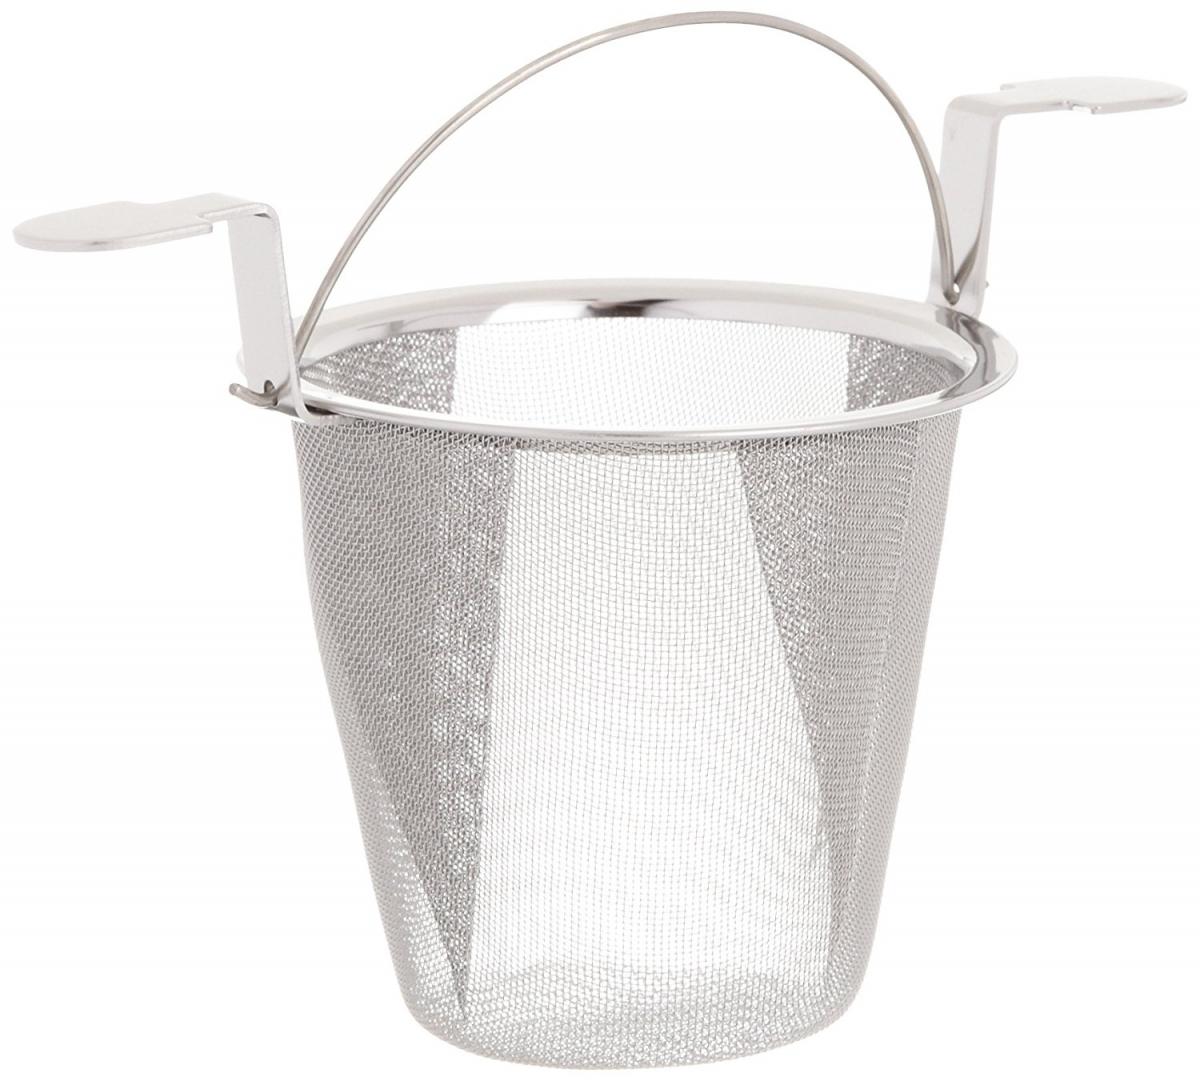 Küchenprofi čajové sítko / filtr do konvice